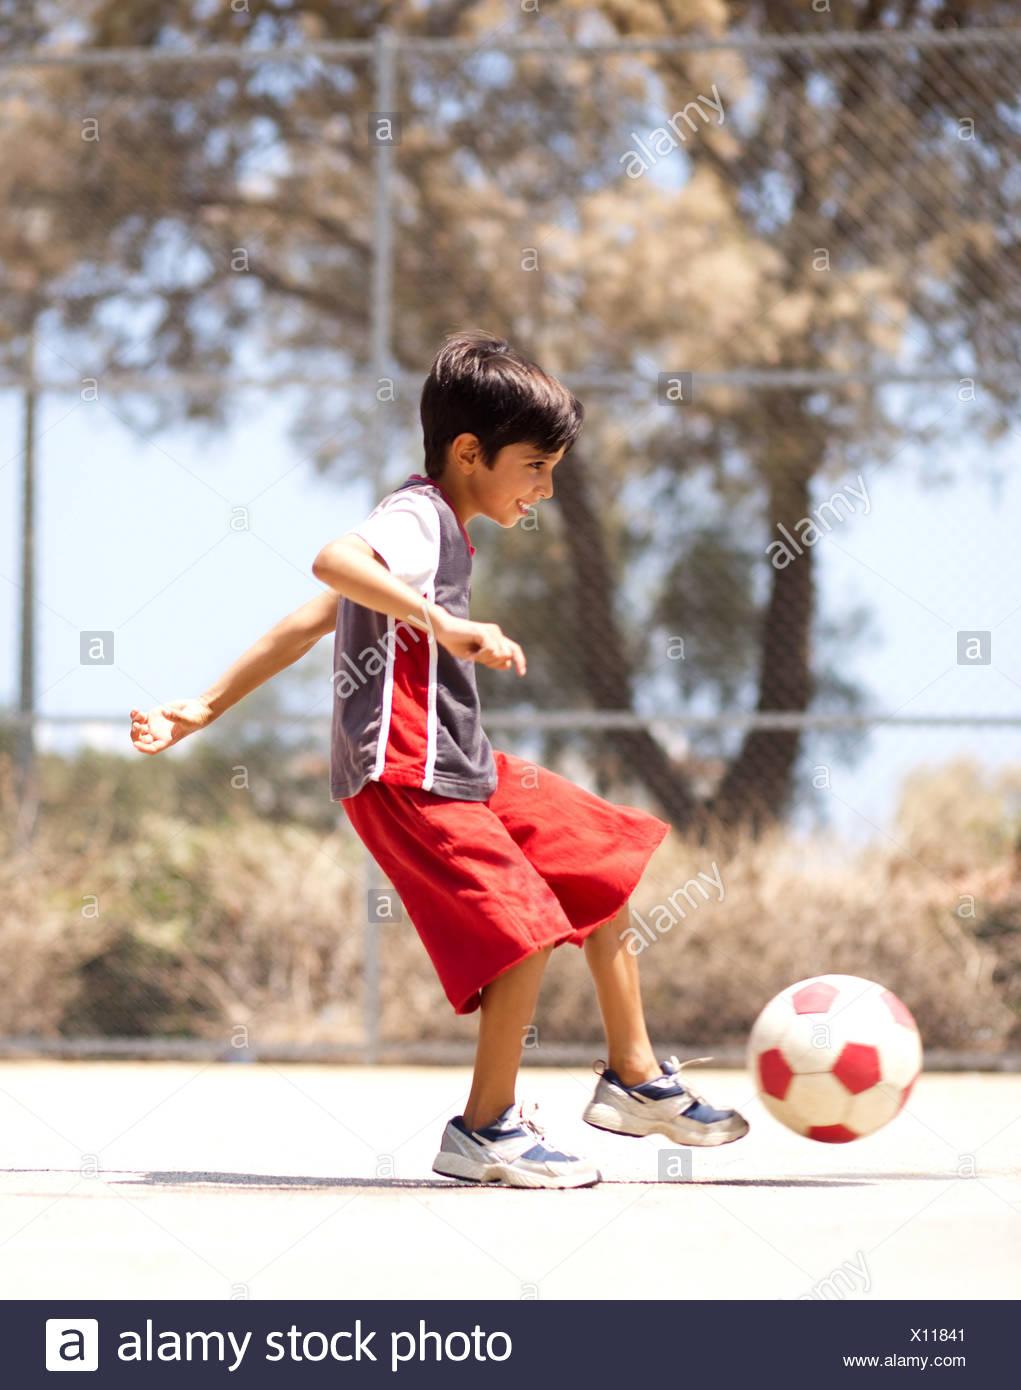 Bambino in azione godendo di calcio, all'aperto Immagini Stock